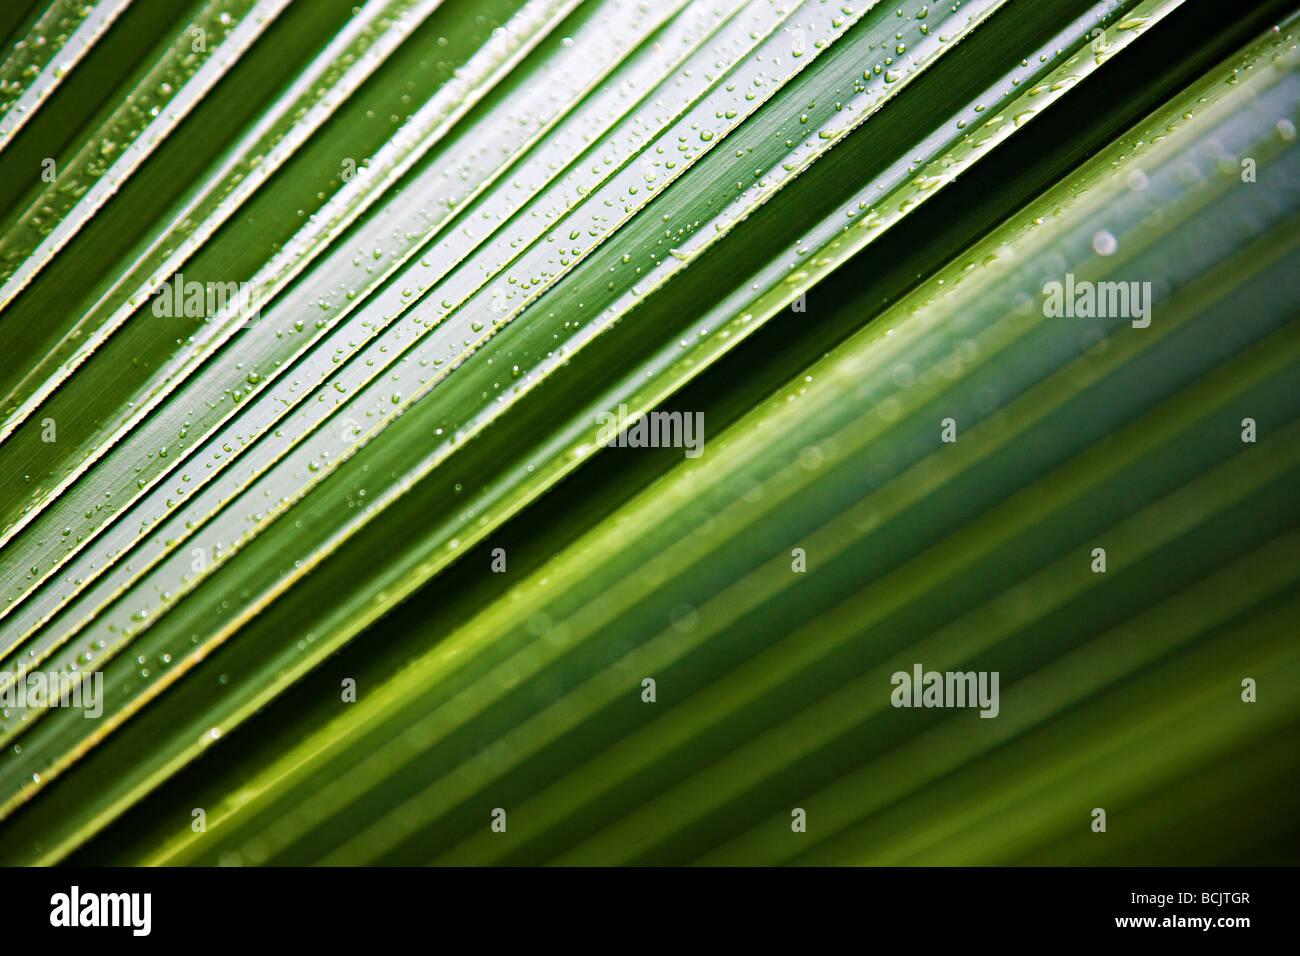 Gota de agua sobre una fronda Imagen De Stock